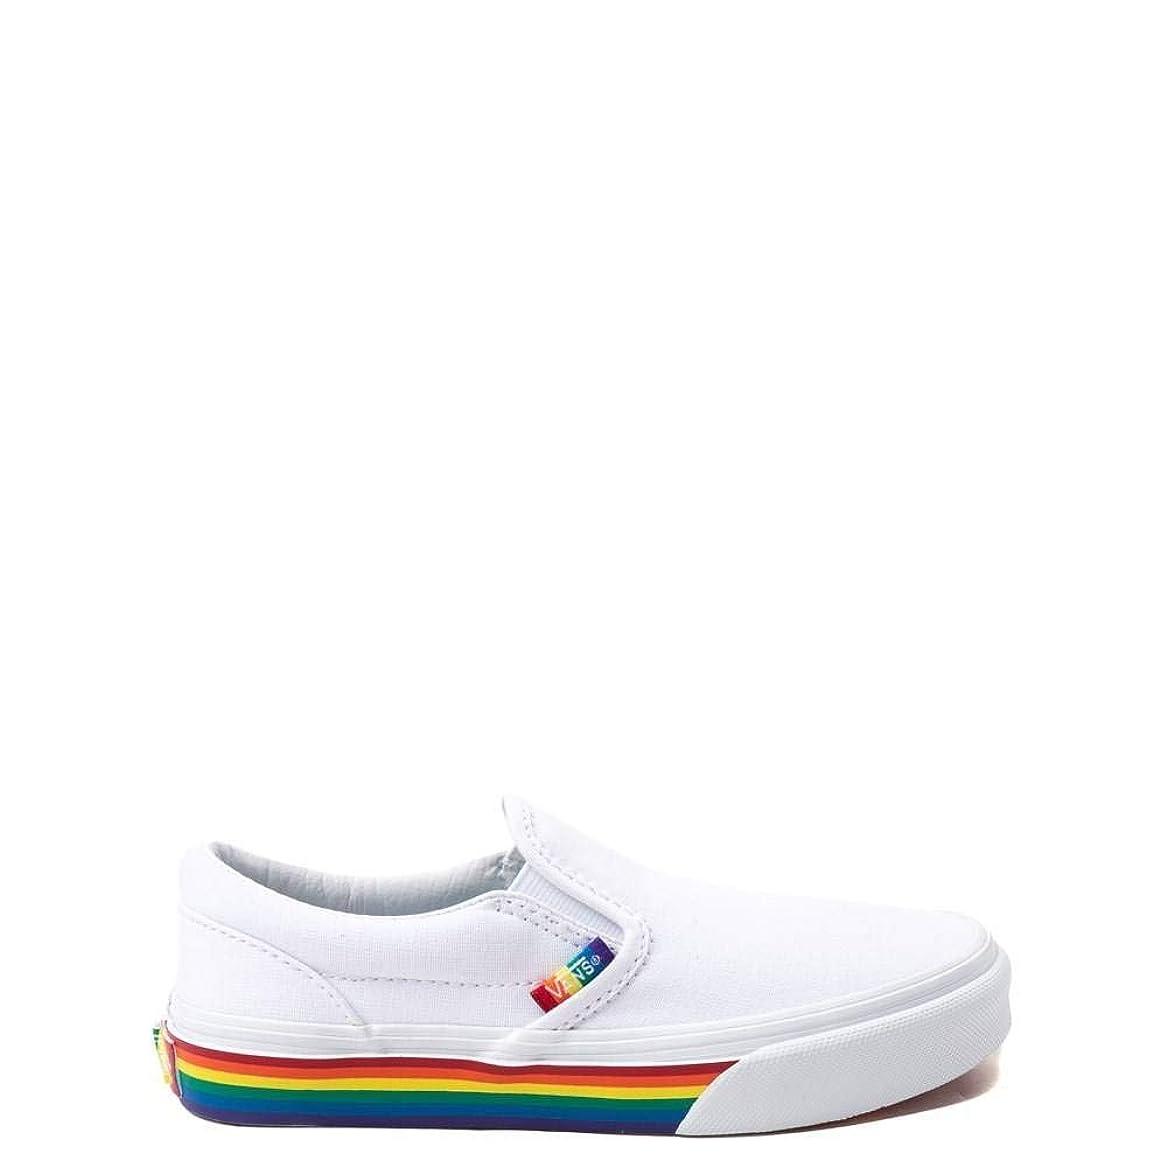 チャペルハイジャック優しい[バンズ] 靴?シューズ スニーカー Slip On Rainbow Skate Shoe - Little Kid/Big Kid ホワイト/マルチ US 1 (19cm) [並行輸入品]